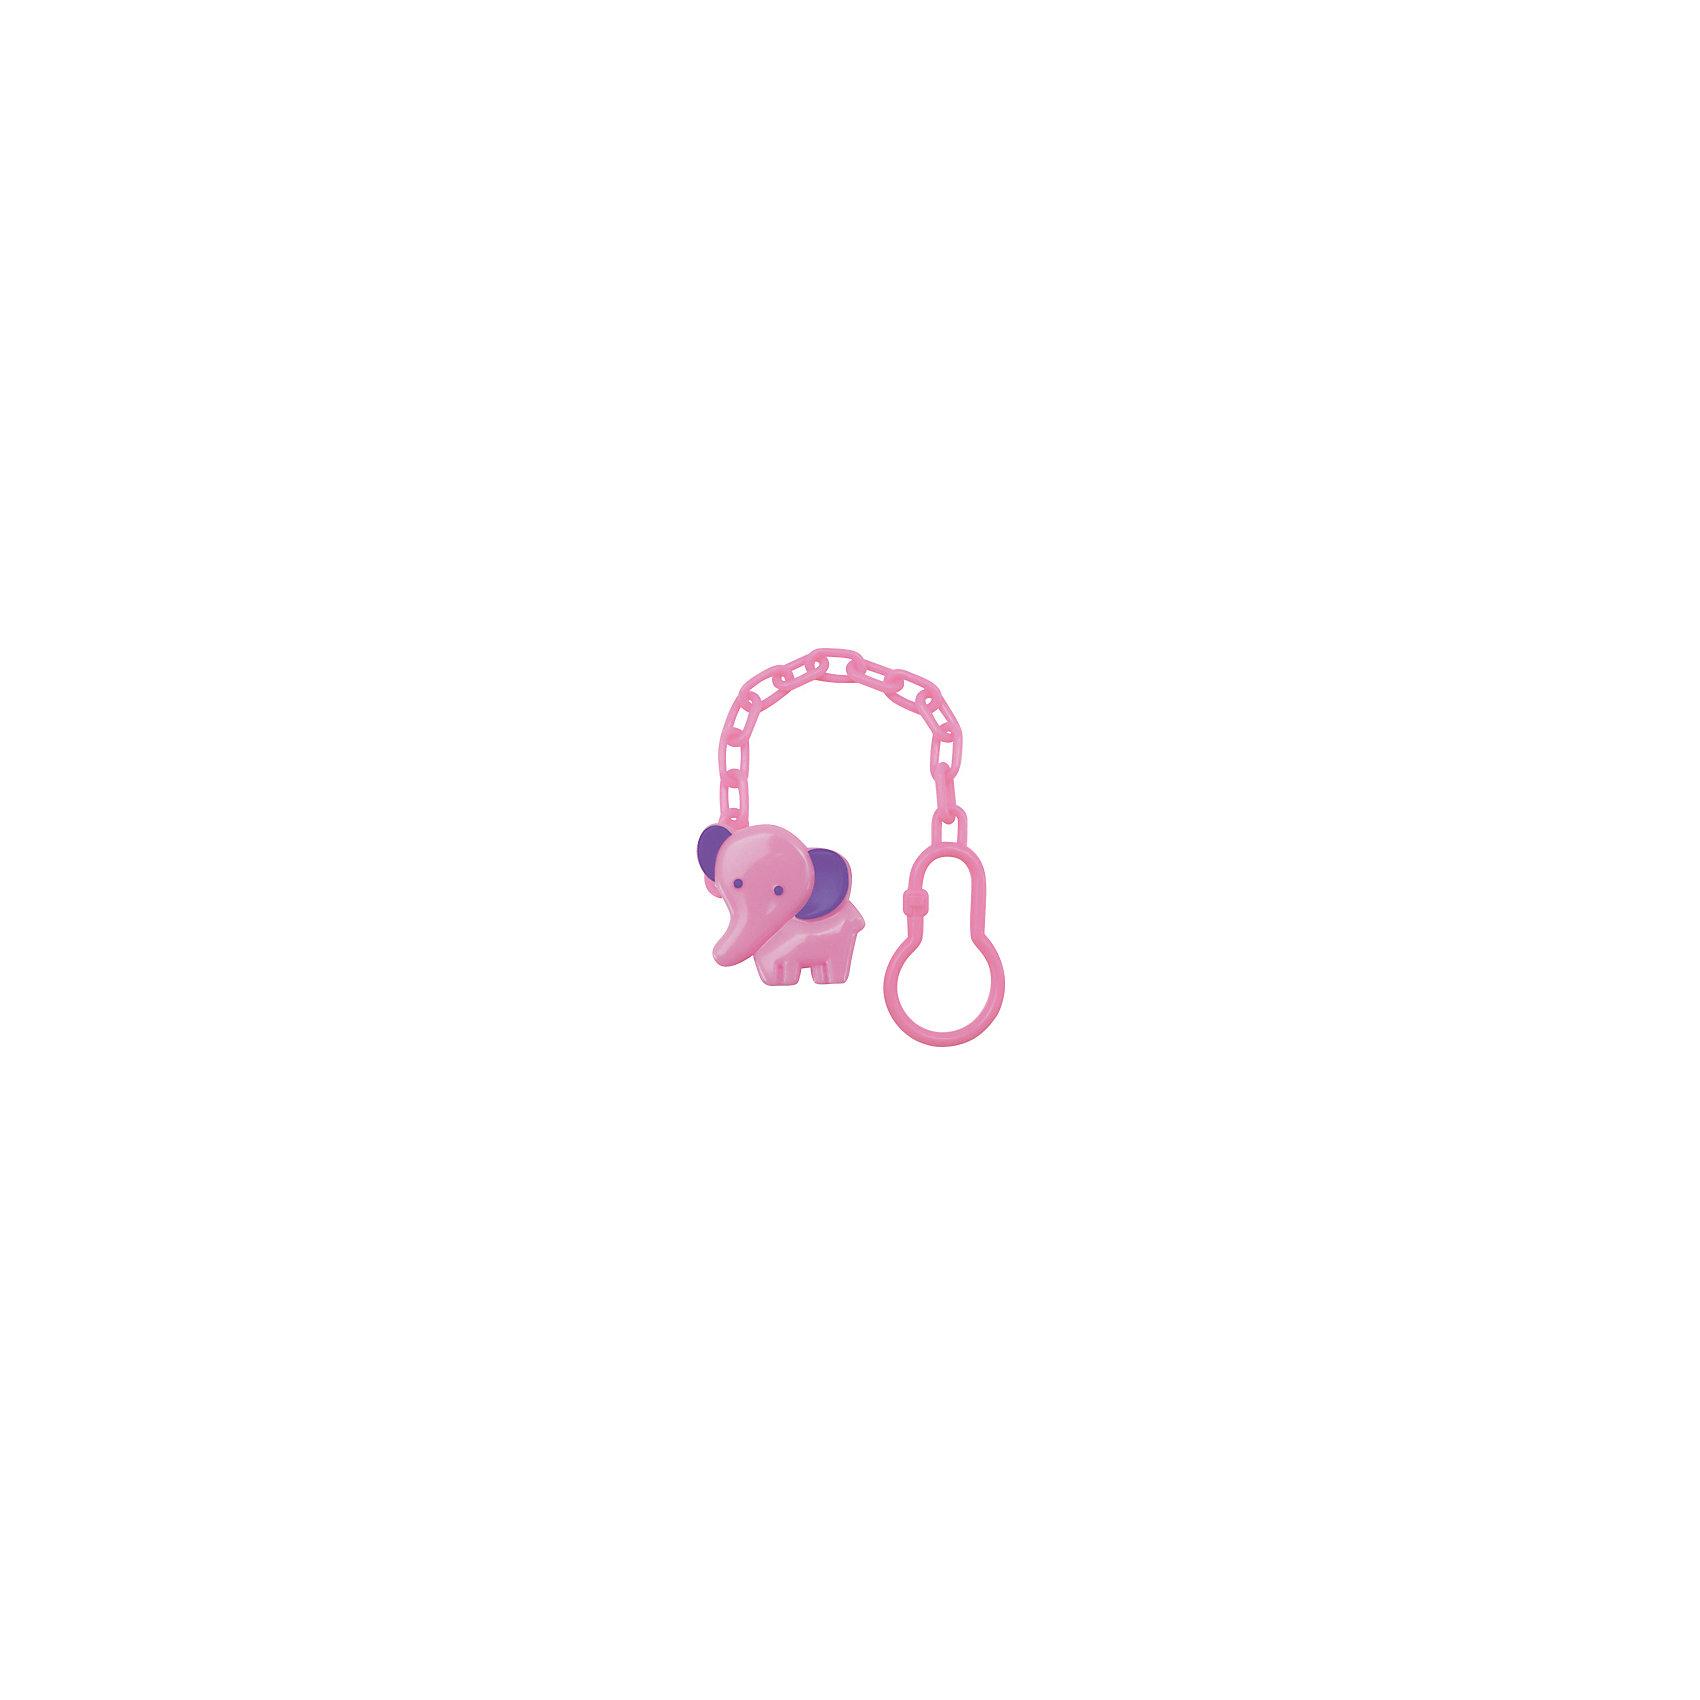 Клипса для соски-пустышки Слоник от 0 мес. полипропилен на цепочке, LUBBY, розовый